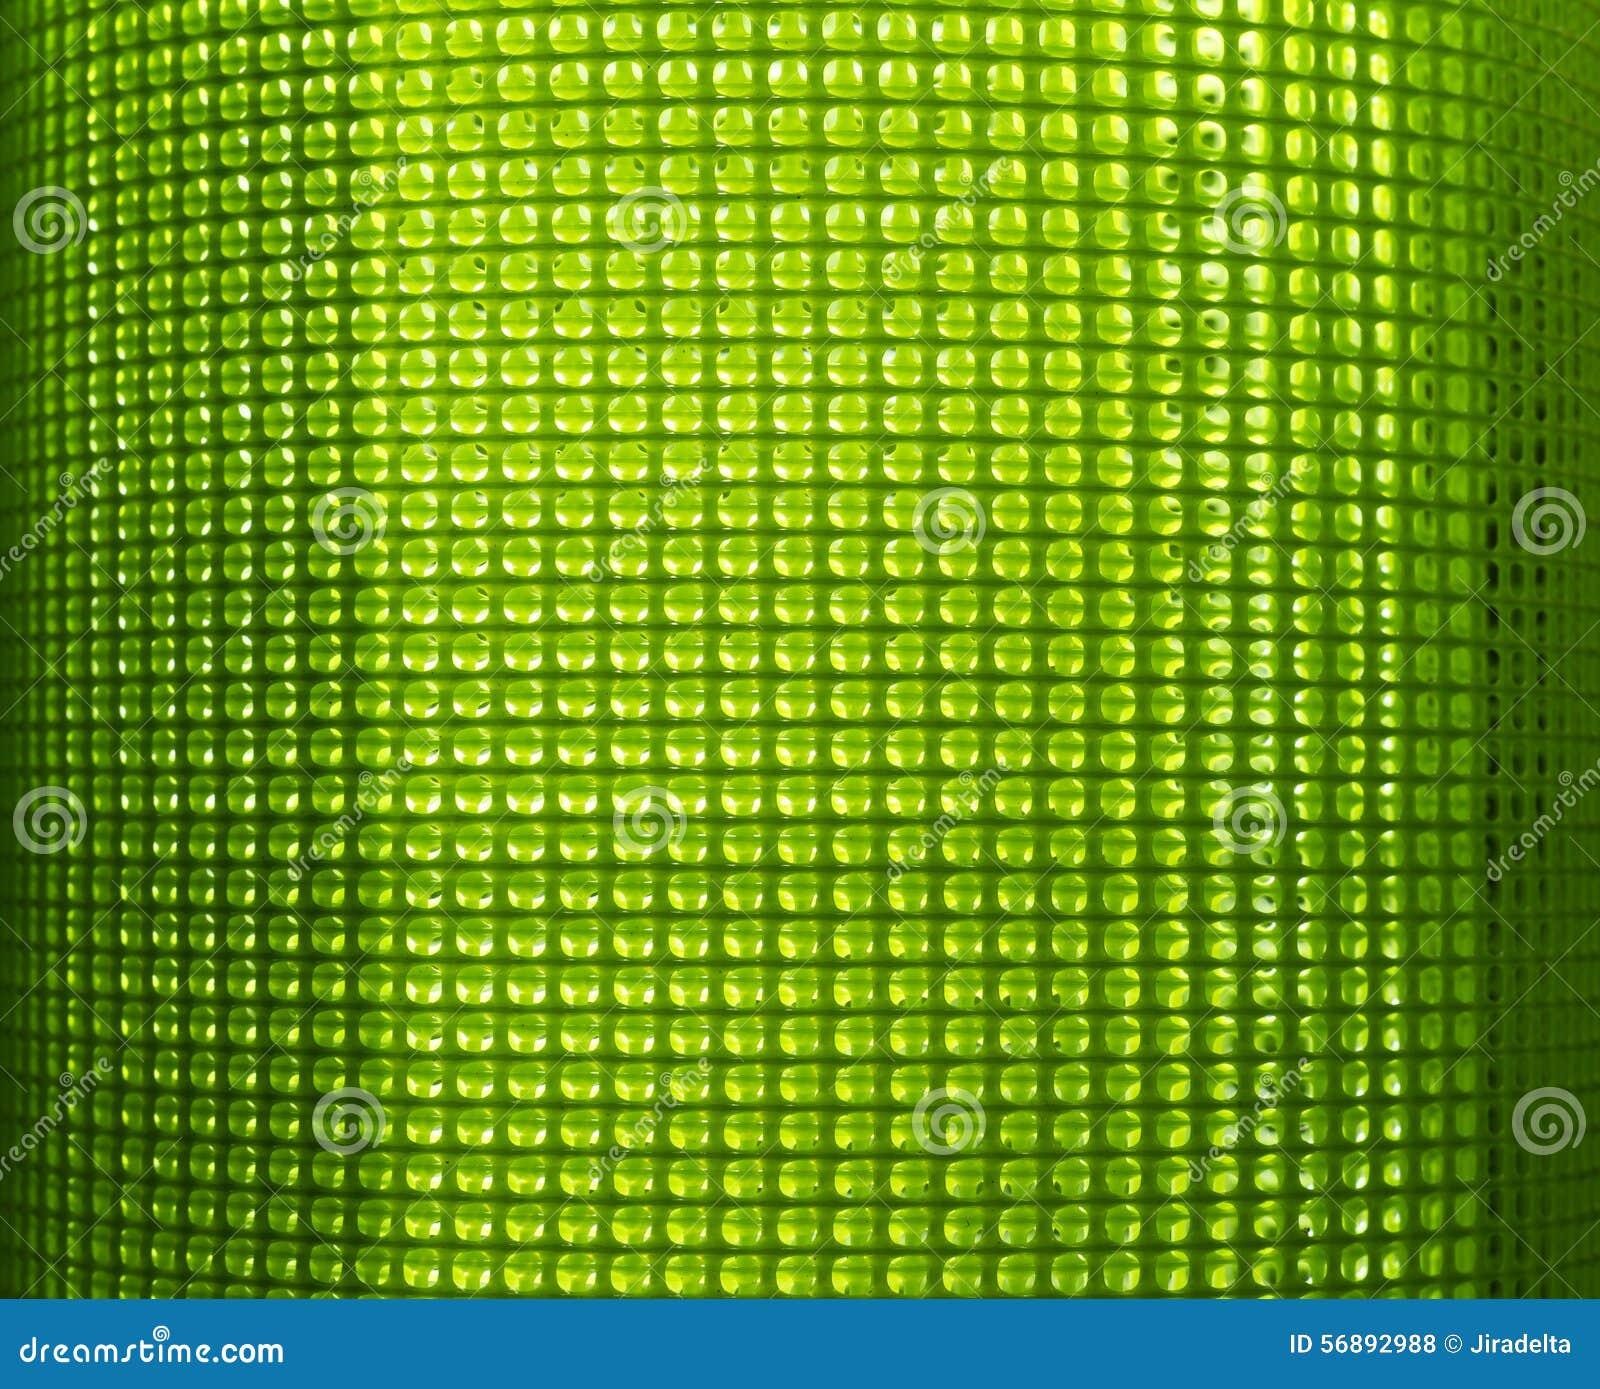 Rete di plastica verde